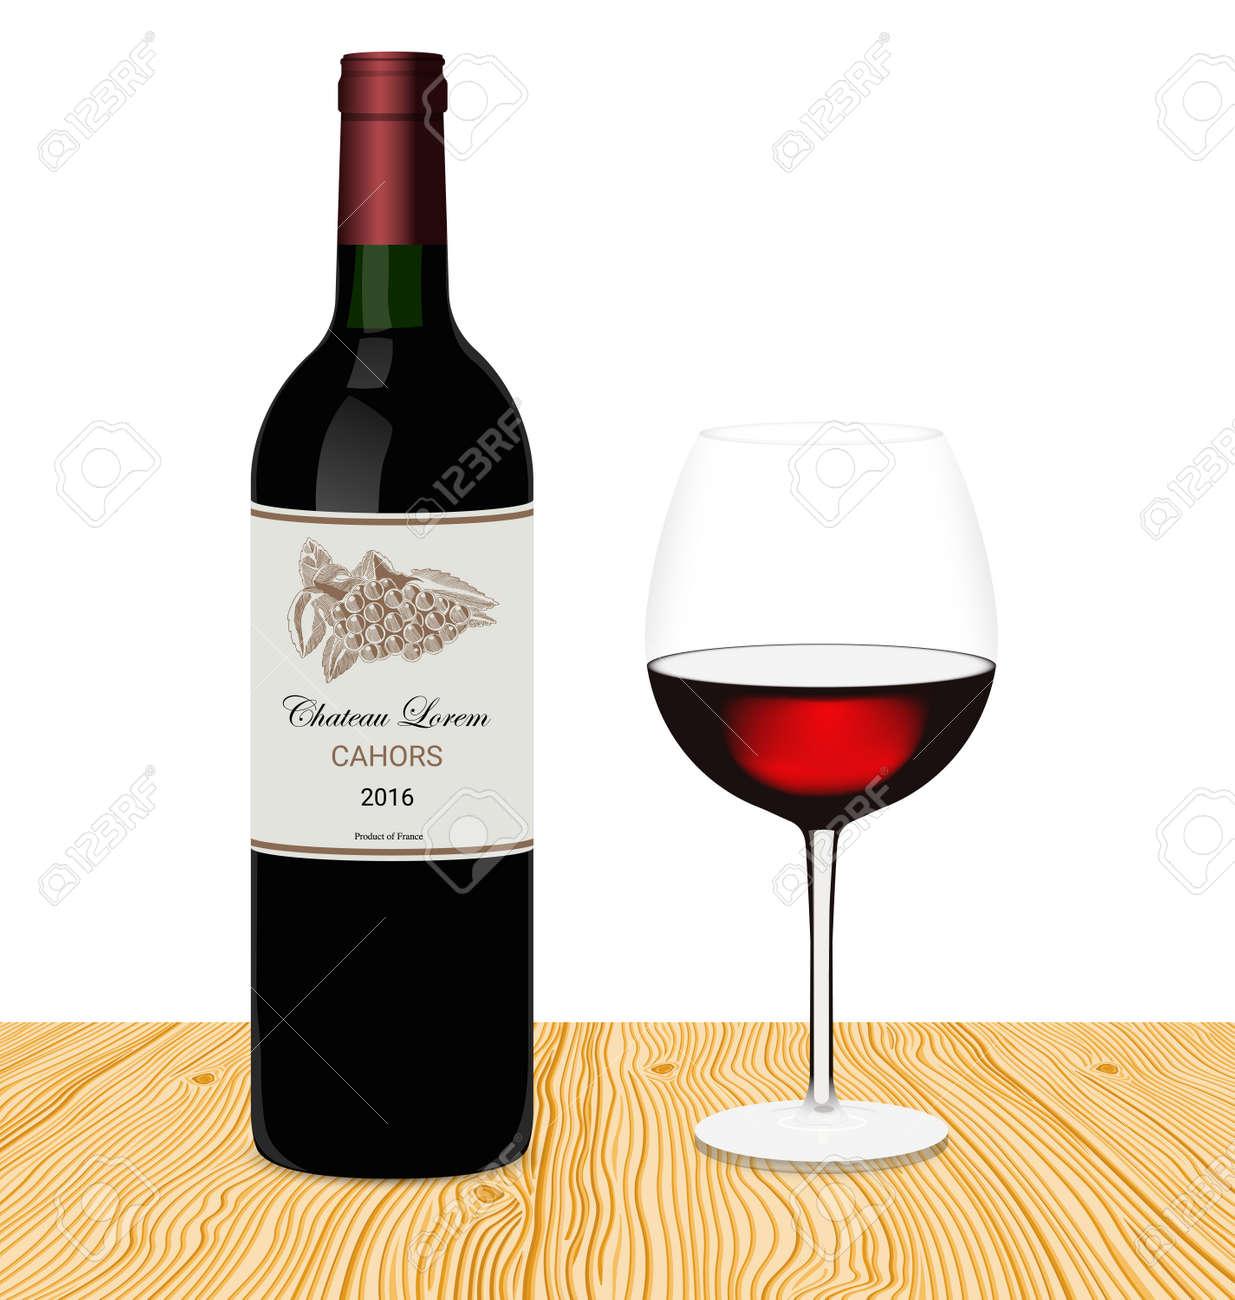 Vorlage Der Flasche Rotwein Mit Glas In Einem Realistischen Stil ...